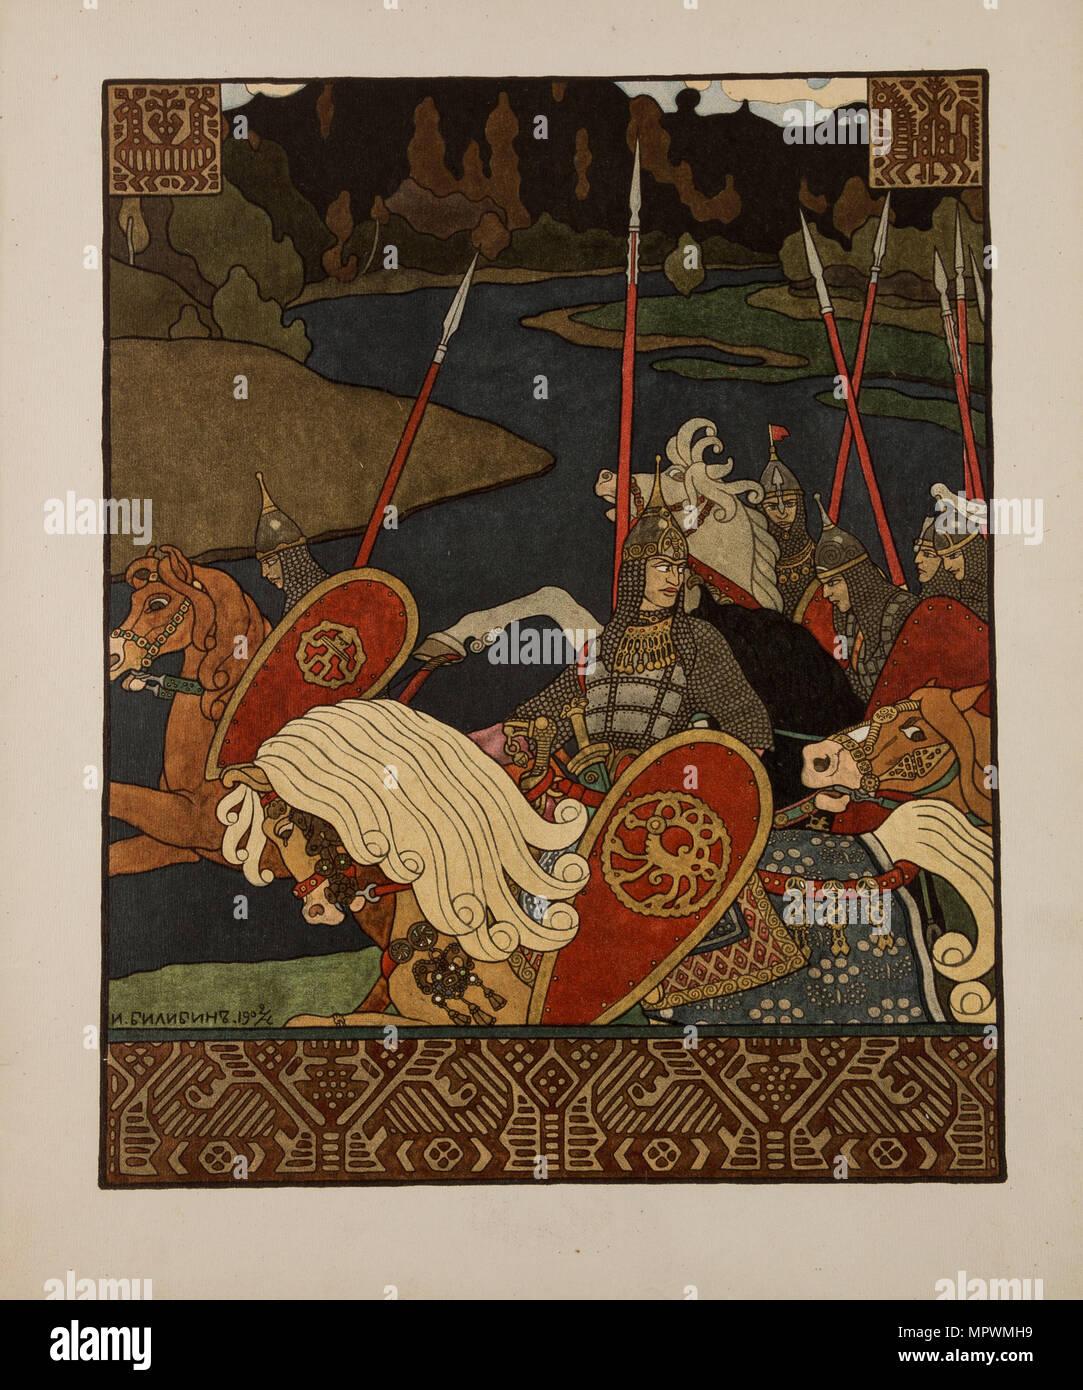 Abbildung: für Alte russische Legende Wolga, 1901-1904. Stockbild